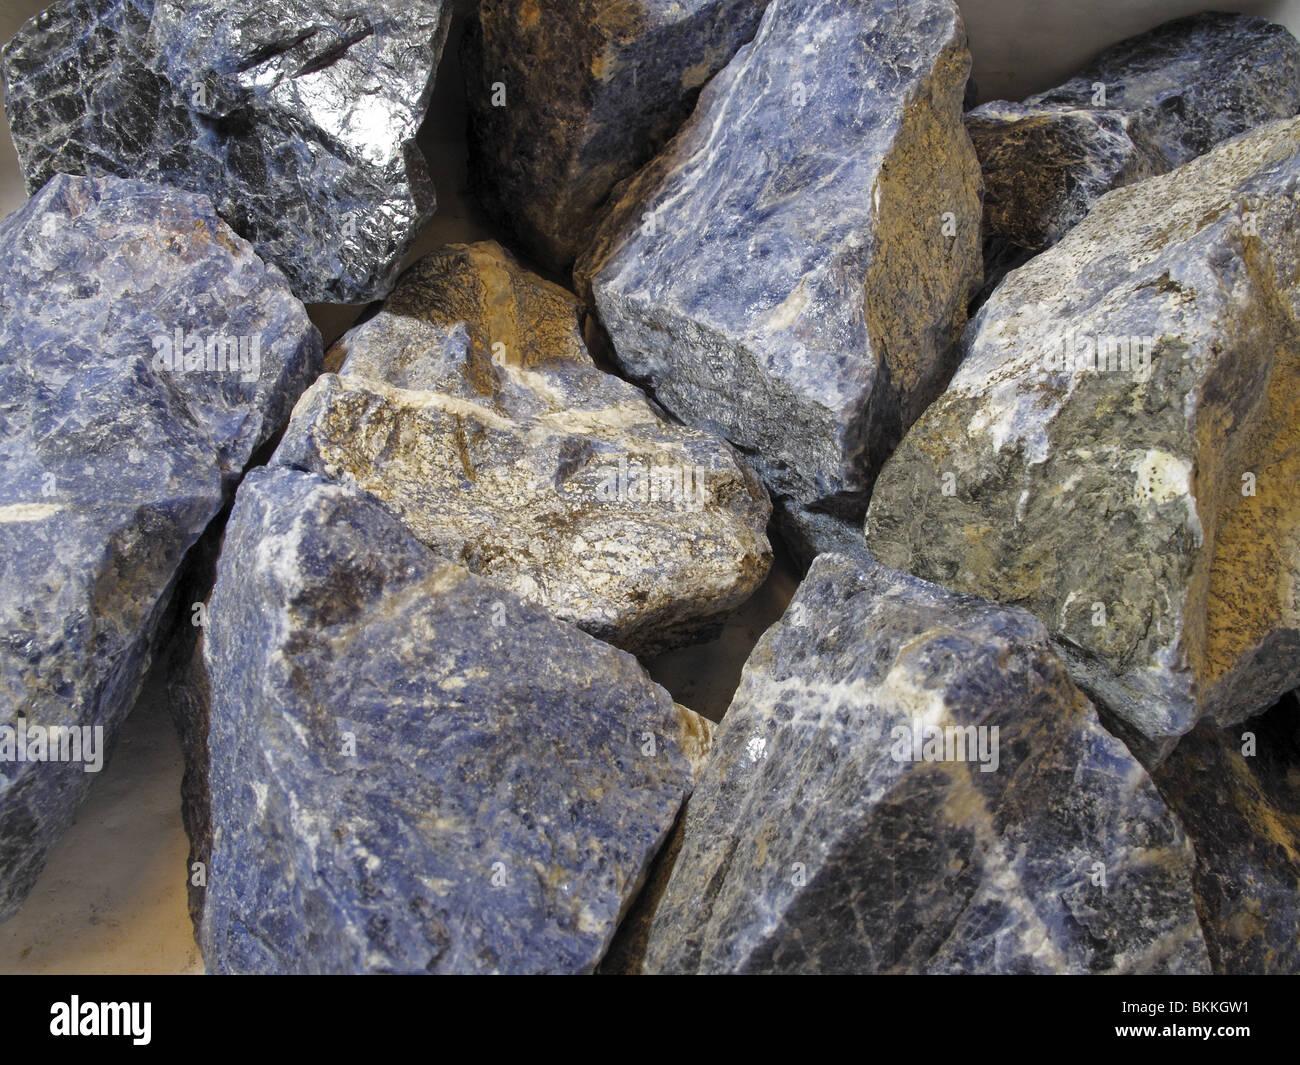 Collection of raw semi-precious stone mineral Sodalite (Sodium Aluminum Silicate Chloride) - Stock Image